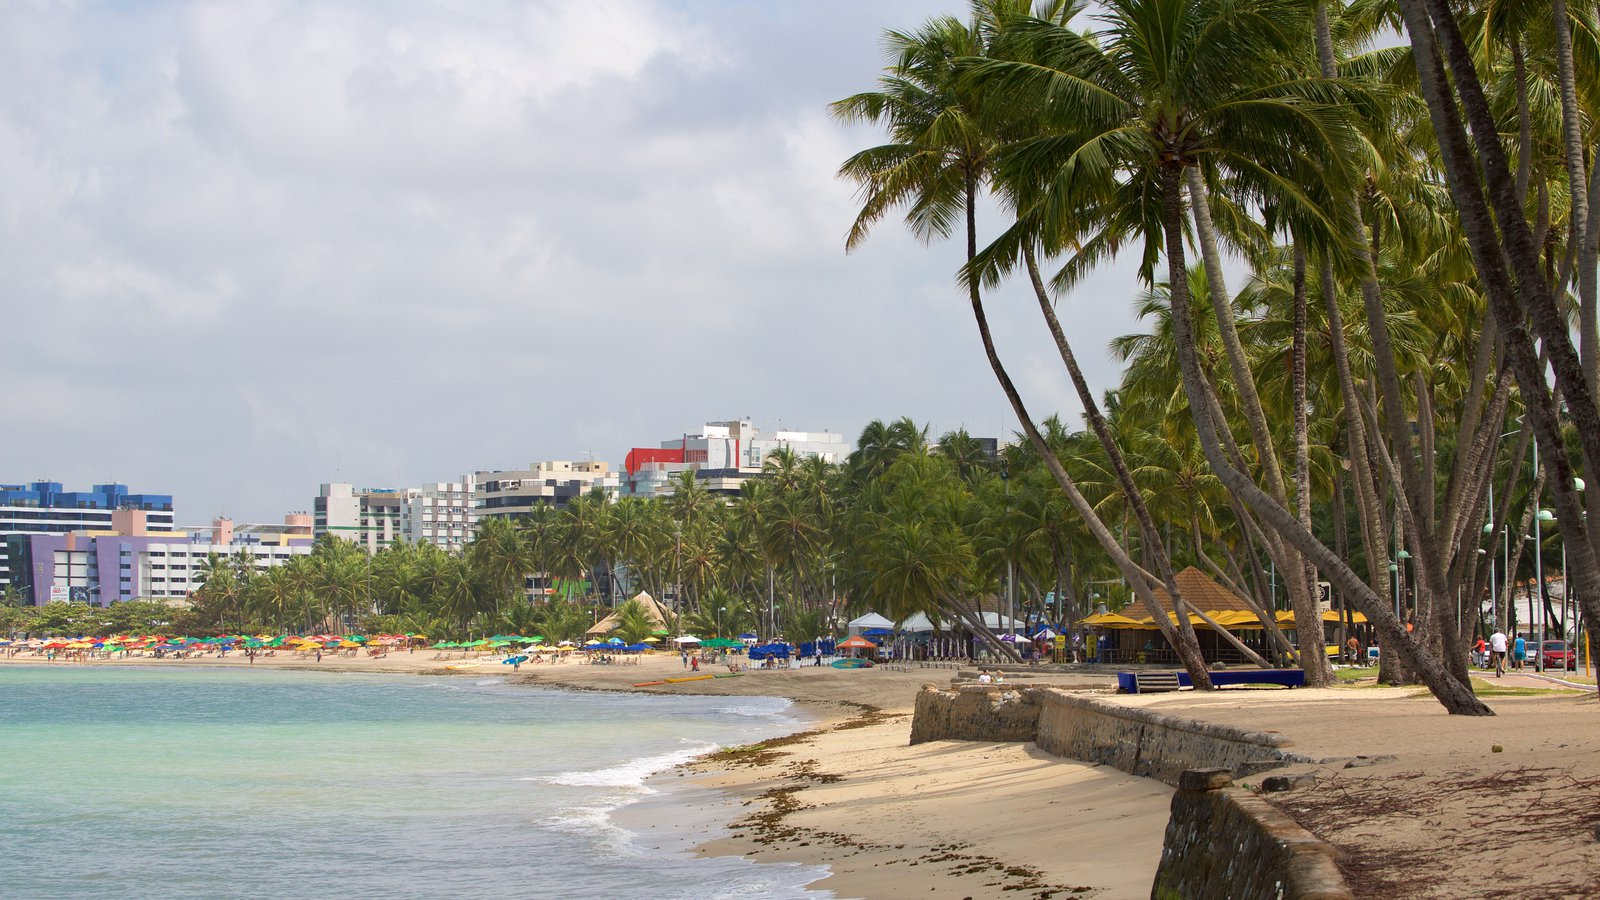 Praia de Ponta Verde caracterizando cenas tropicais, uma praia e linha do horizonte